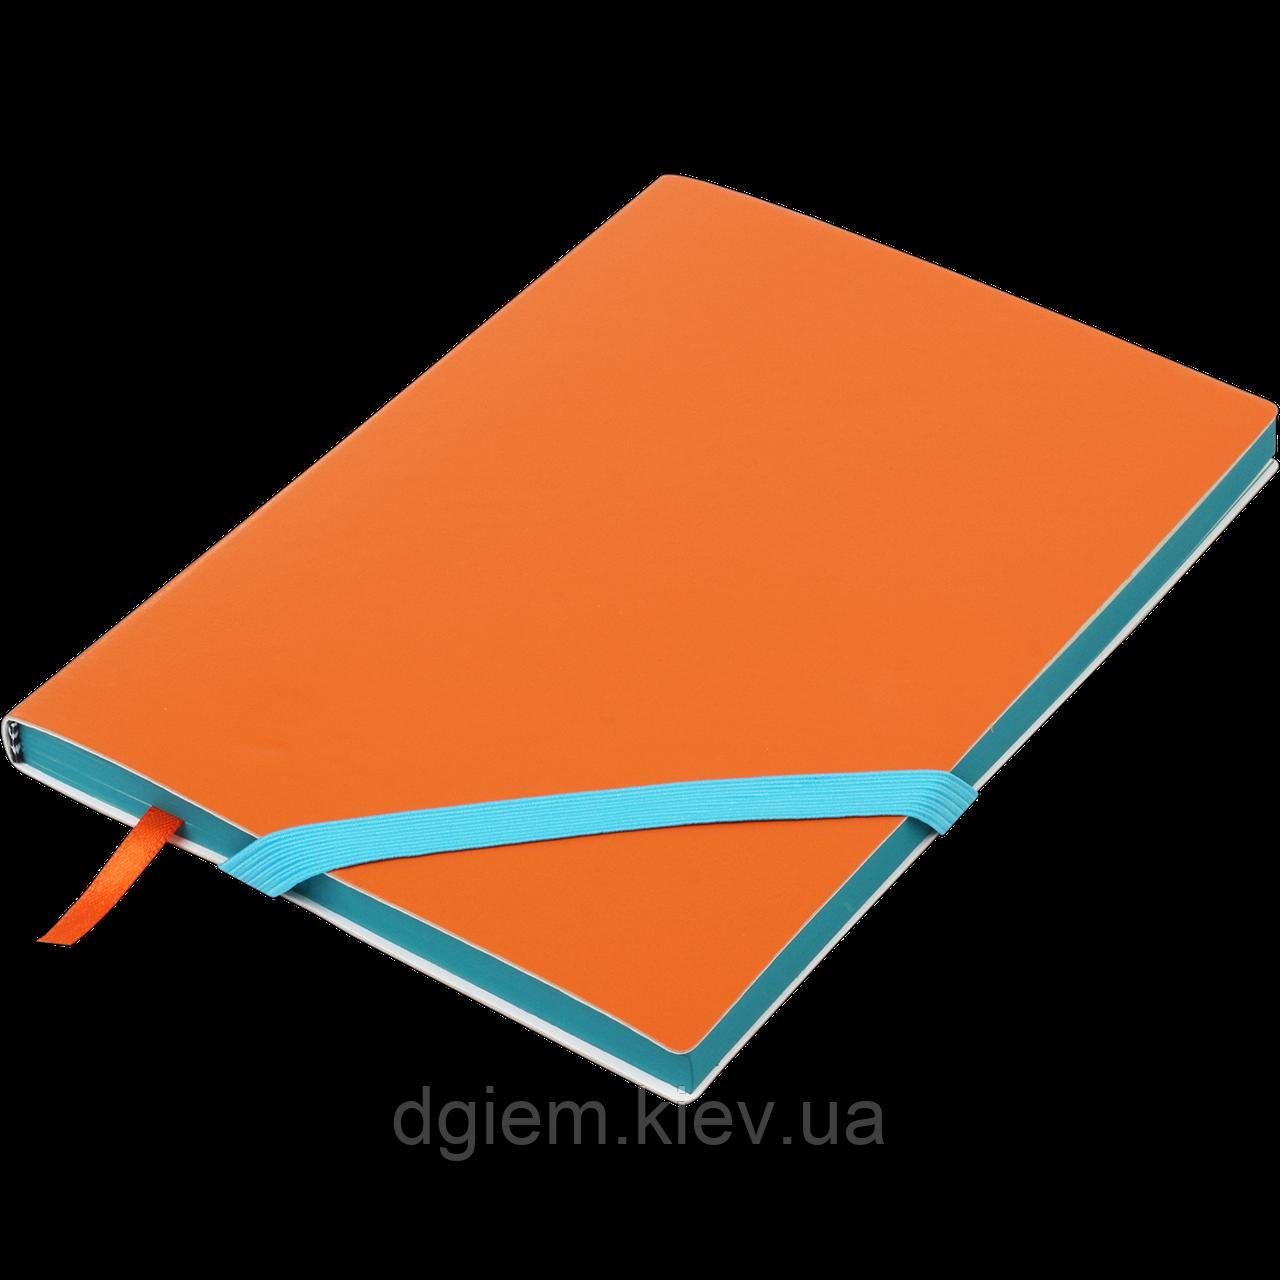 Блокнот деловой LOLLIPOP А5 96л.линия, иск. кожа, оранжевый